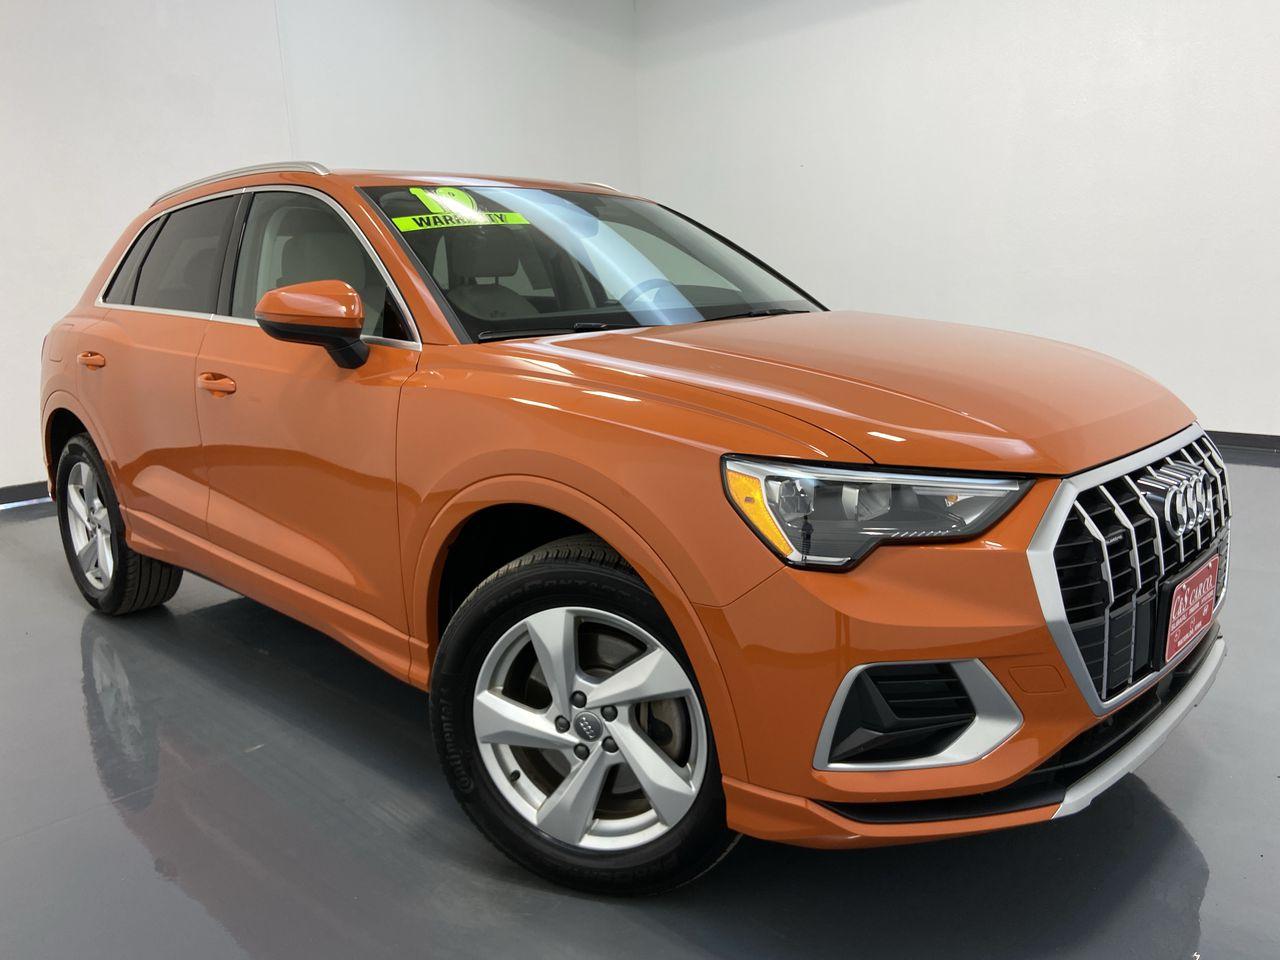 2019 Audi Q3 4D SUV Qtro 2.0T  - 16332  - C & S Car Company